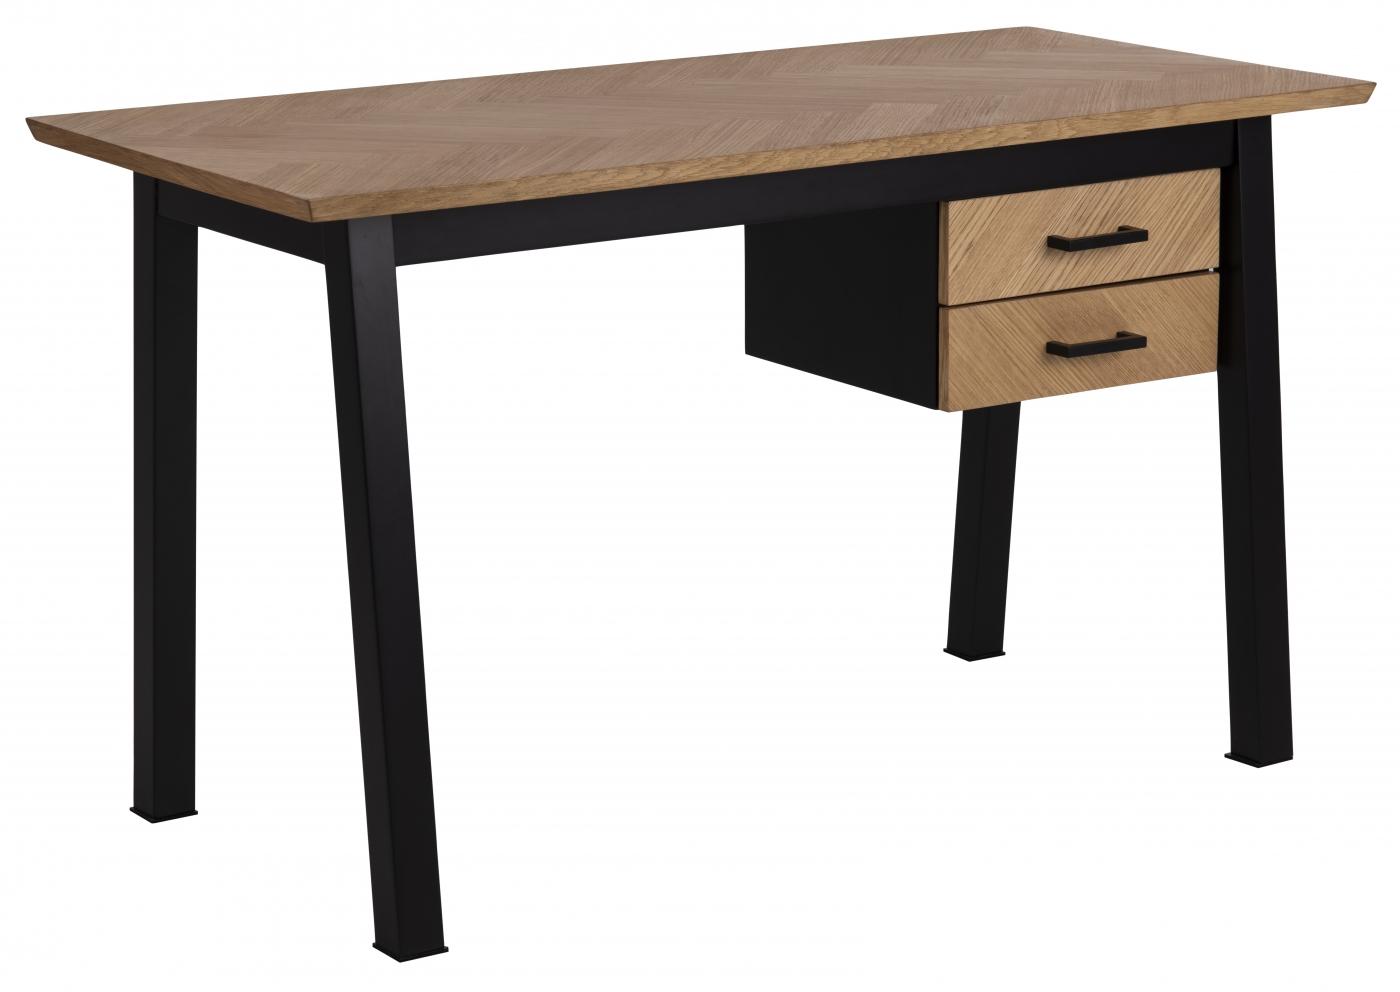 Pracovní stůl Brighton, 130 cm, MDF, dub